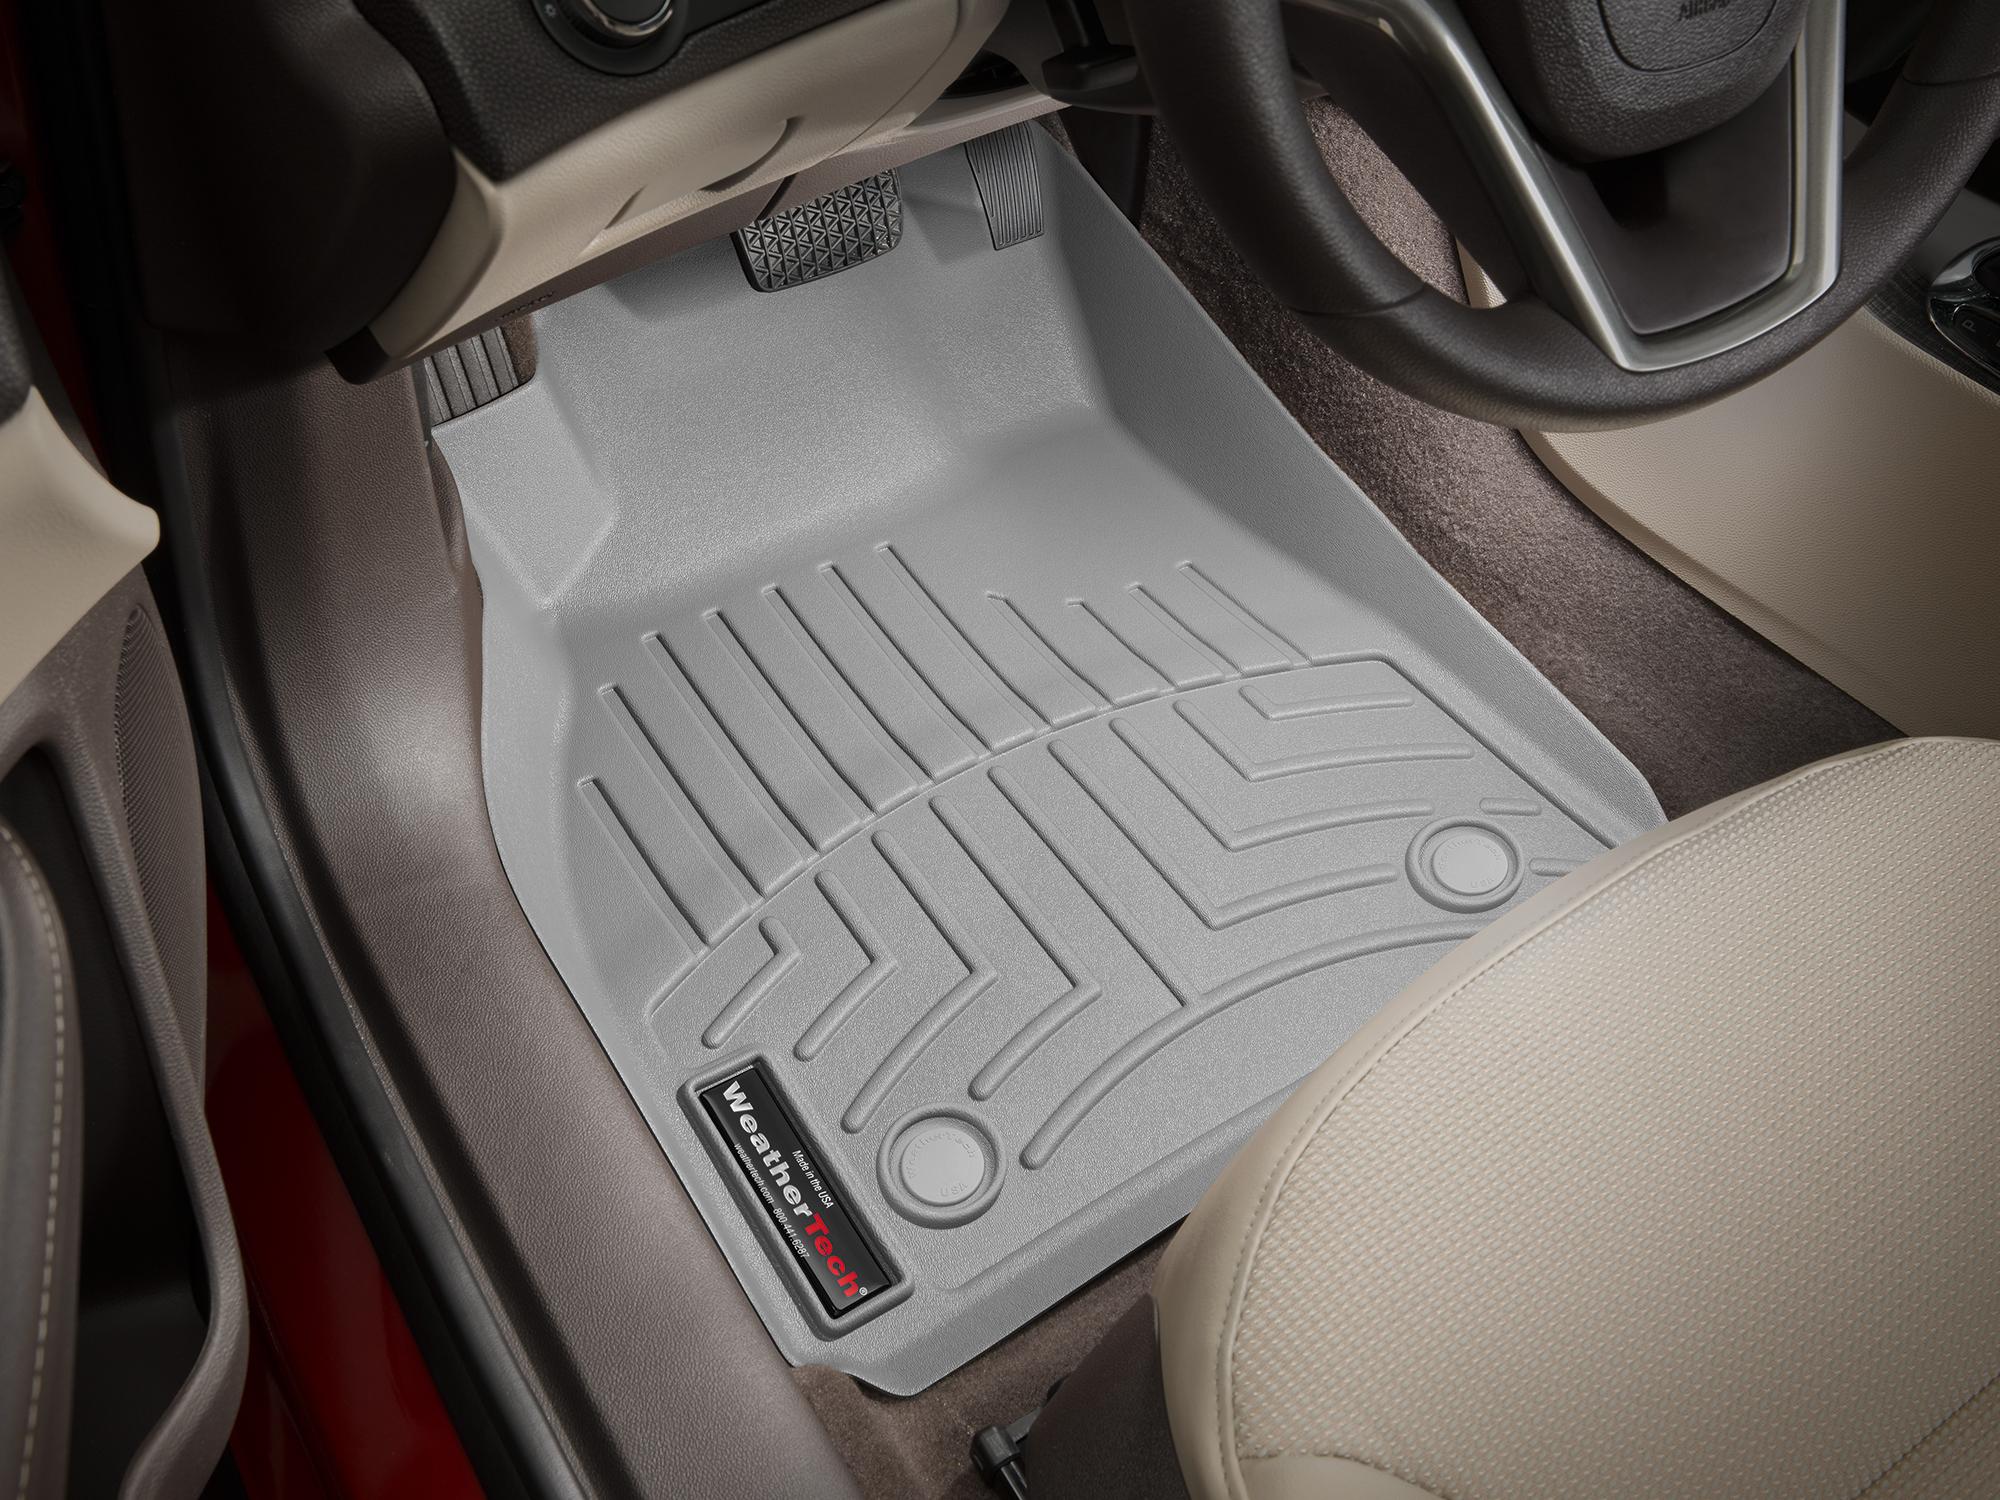 Tappeti gomma su misura bordo alto Chevrolet Malibu 13>15 Grigio A142